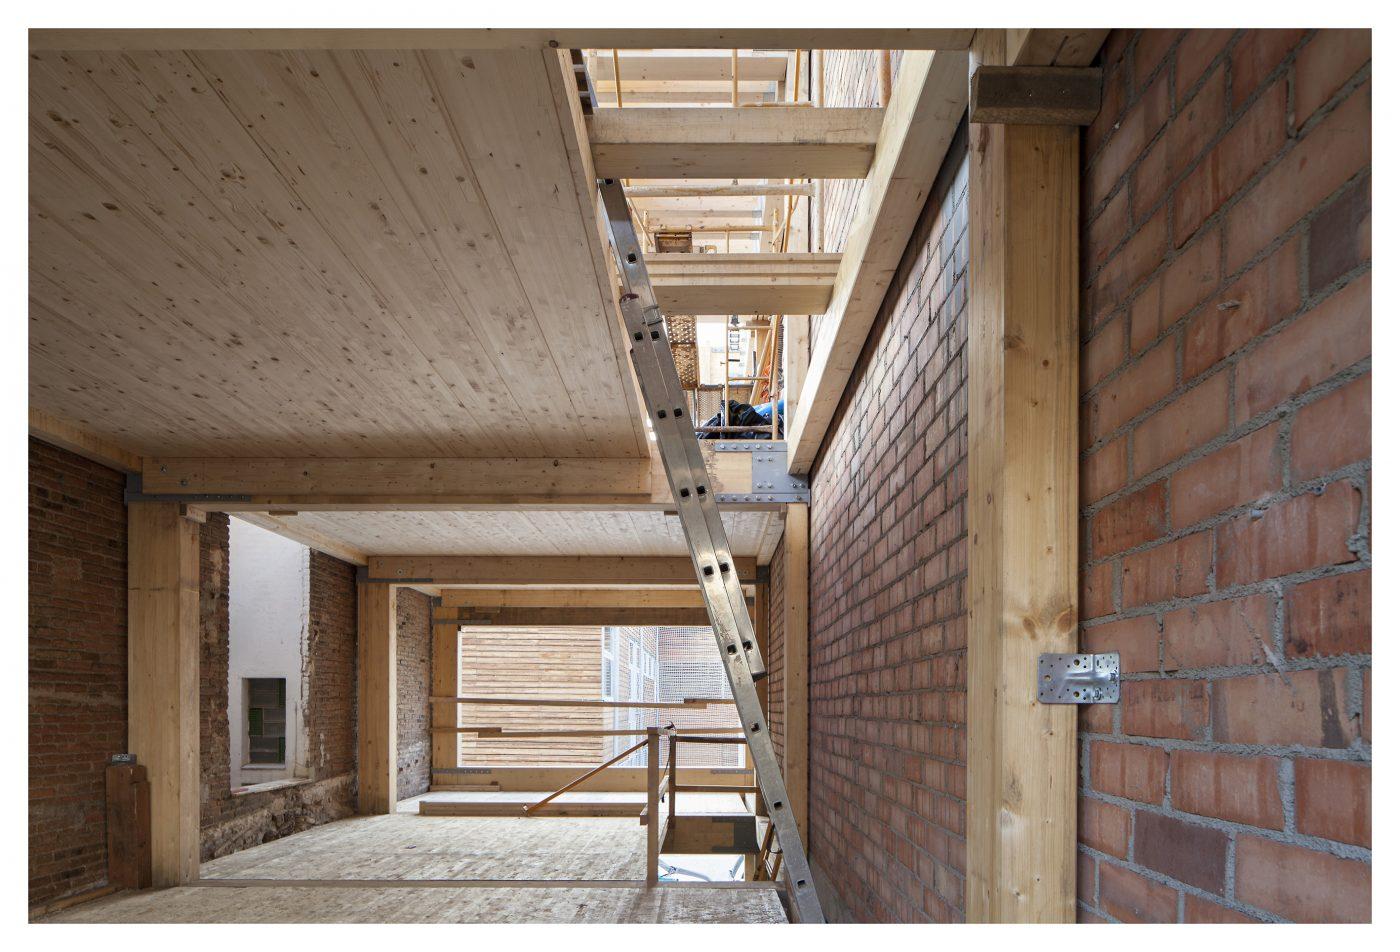 HOUSE HABITAT concluye un edificio de madera con planta baja más tres pisos en El Prat de Llobregat